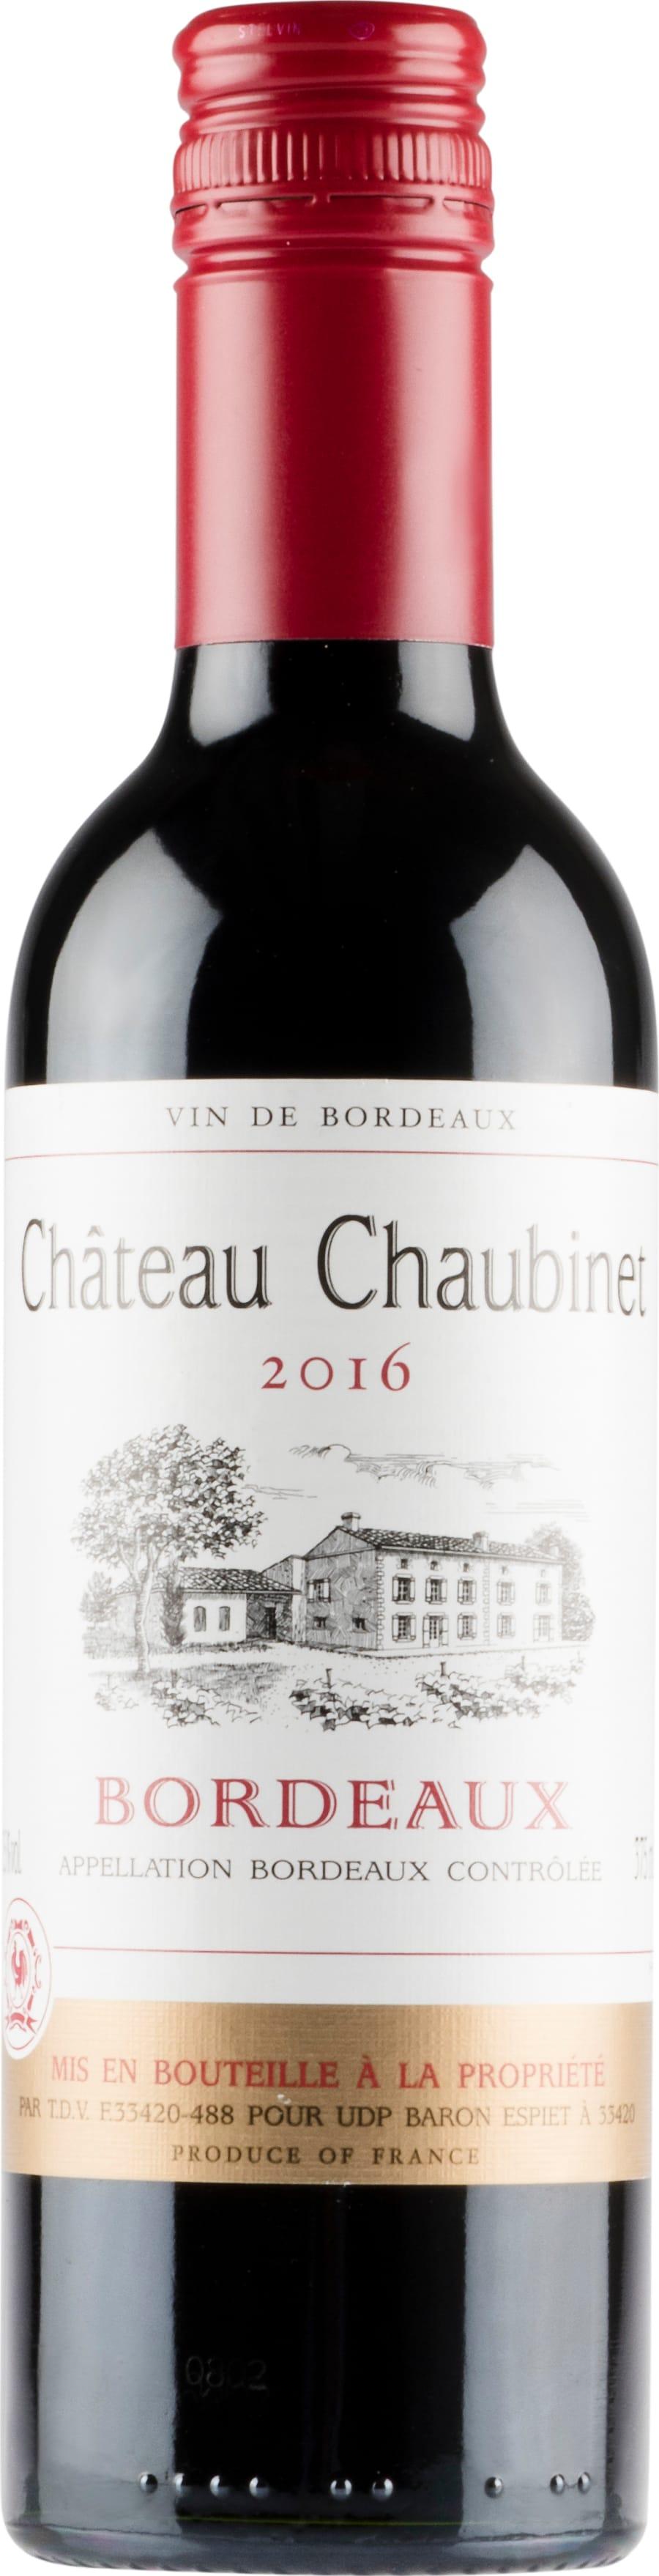 työn dating Bordeaux 2014